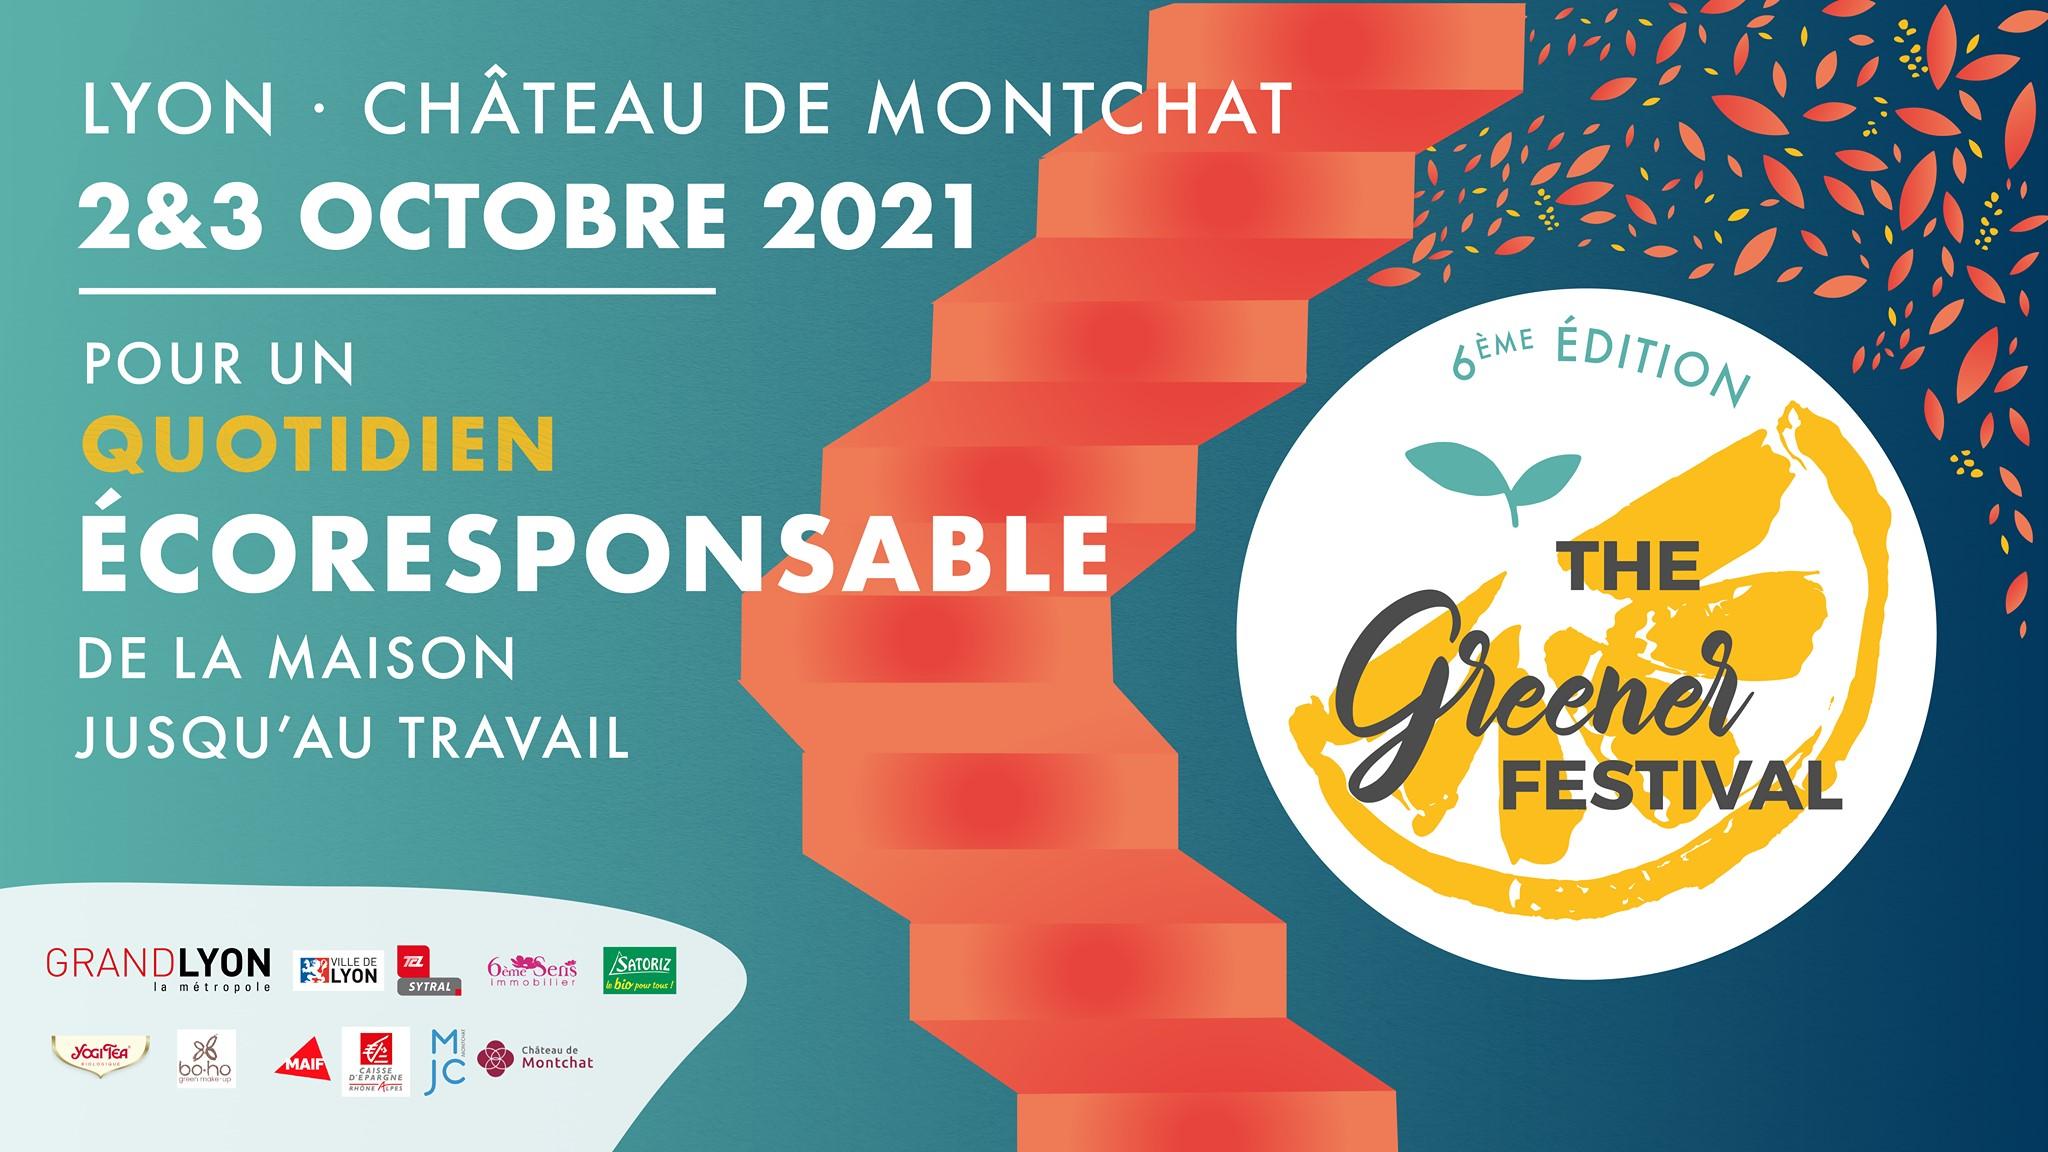 Lyon : un nouveau Greener Festival au château de Montchat 38f6142626b93525fb6bb5c87cc3b49c0d158c922b0e80a7c51b43dd18ca8323